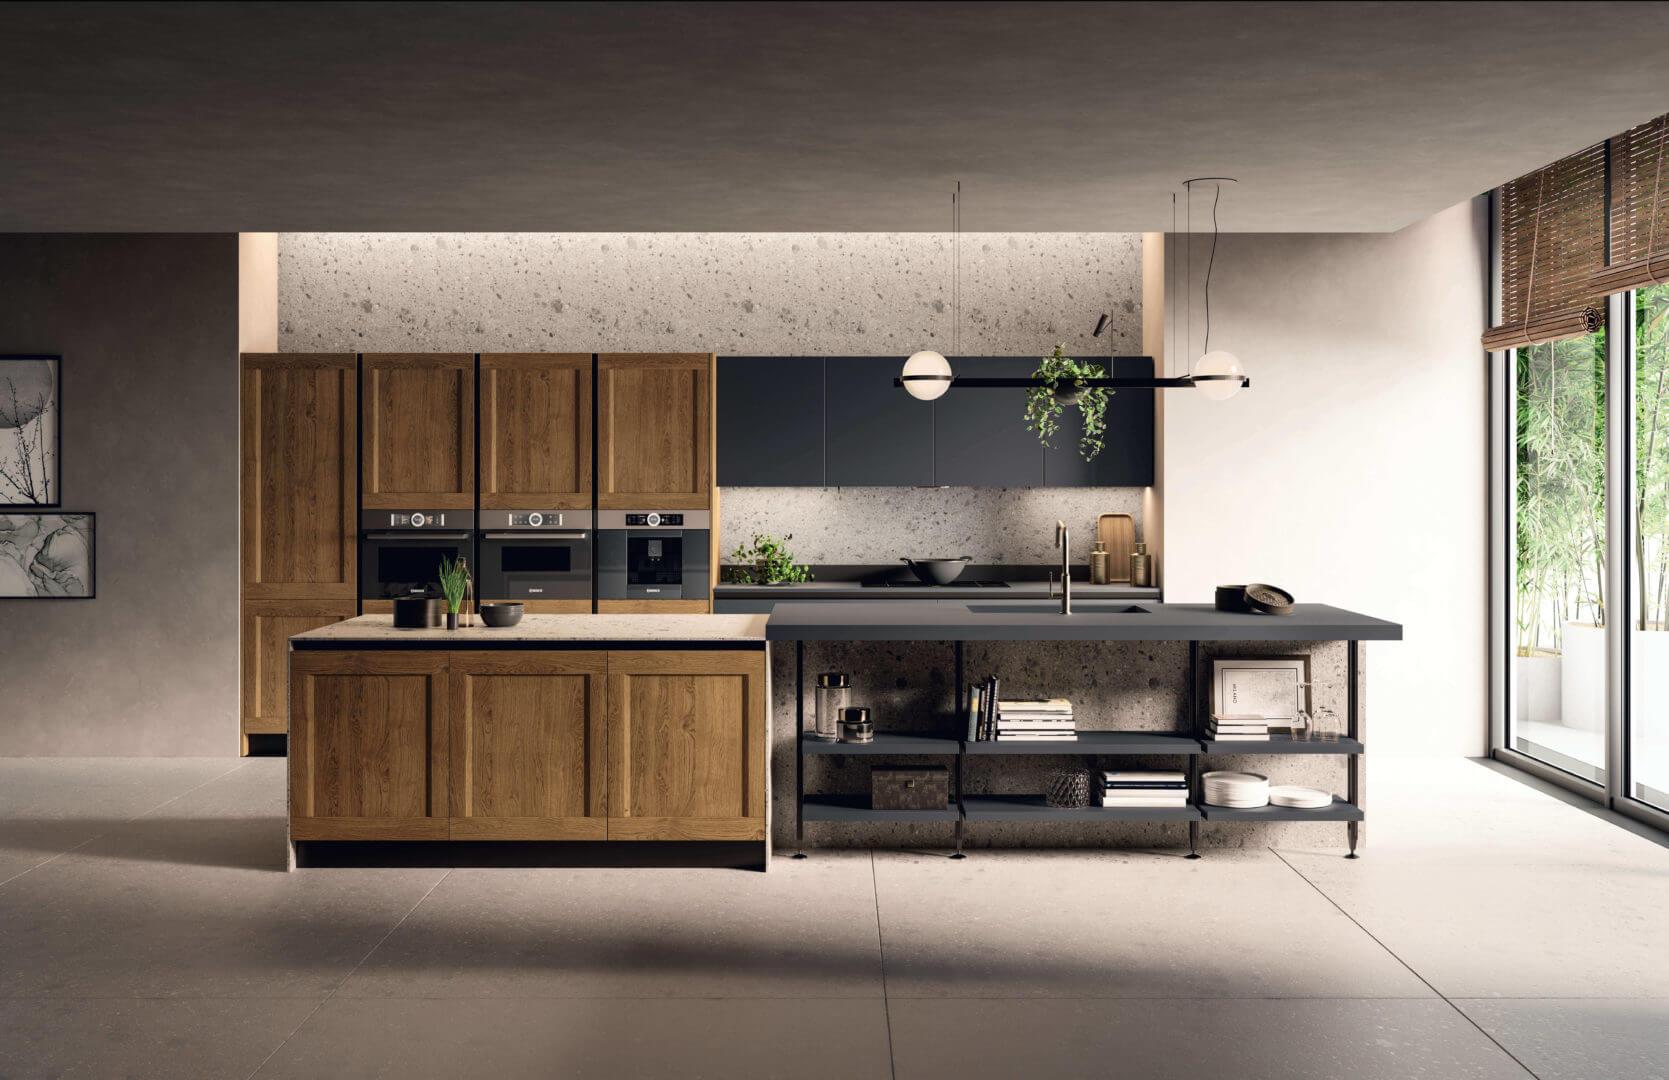 cucina legno e laminato nero padova